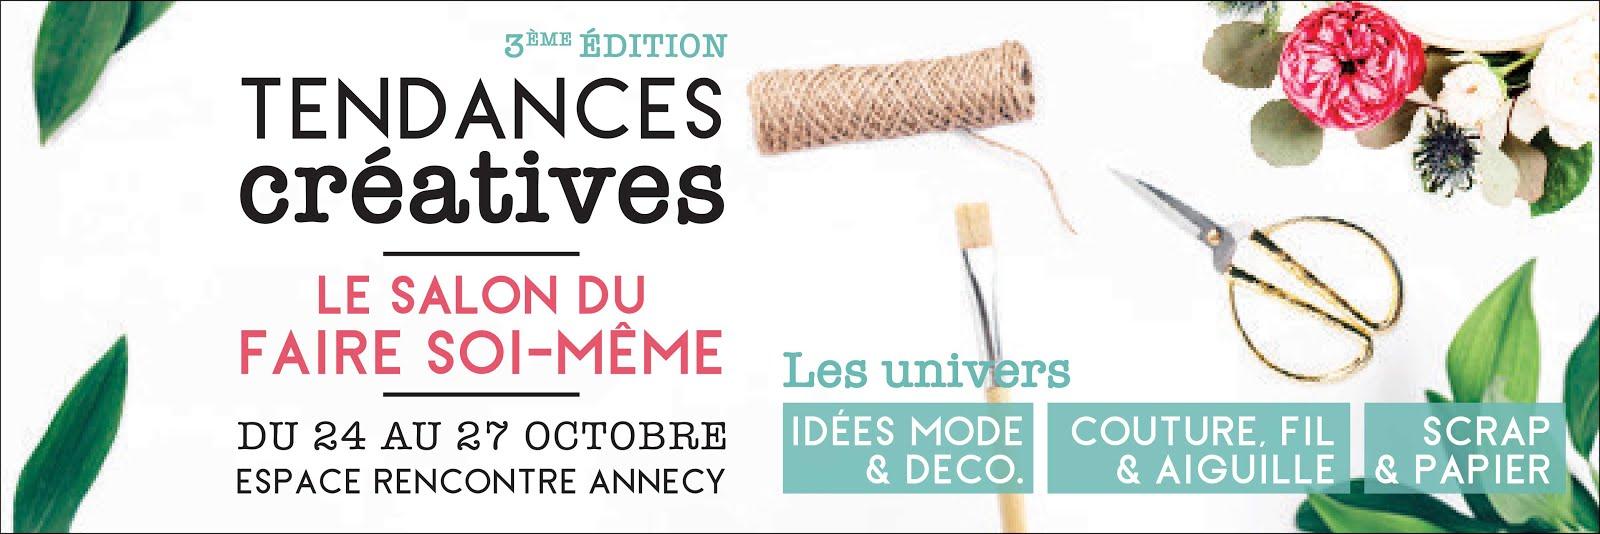 Tendances créatives à Annecy